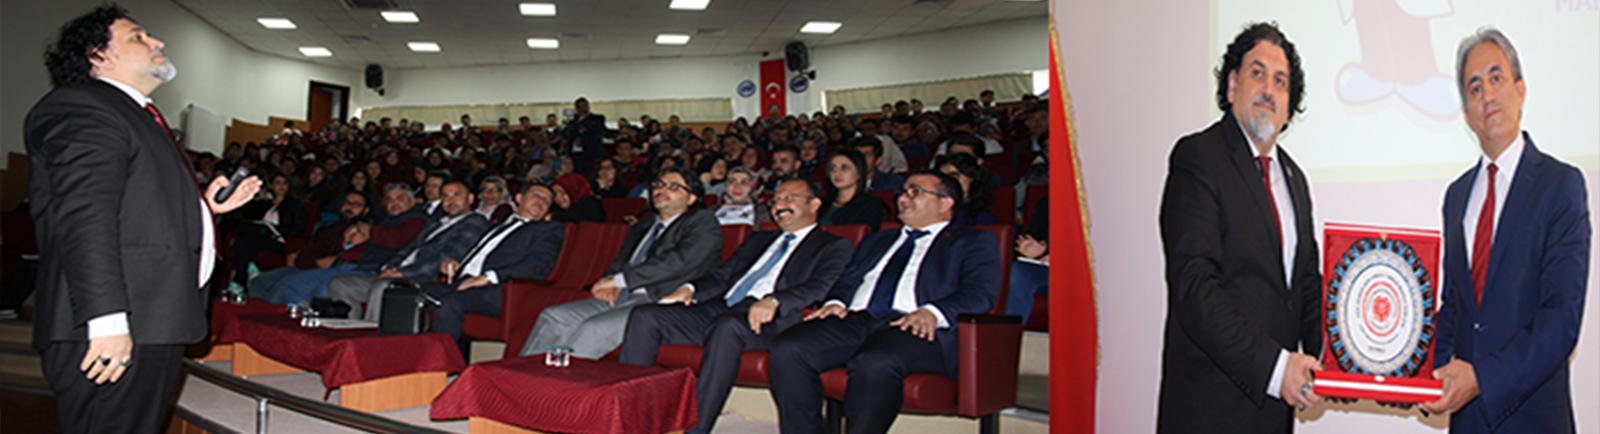 BayKAMBER Karaman'da Markalaşma Konferansı